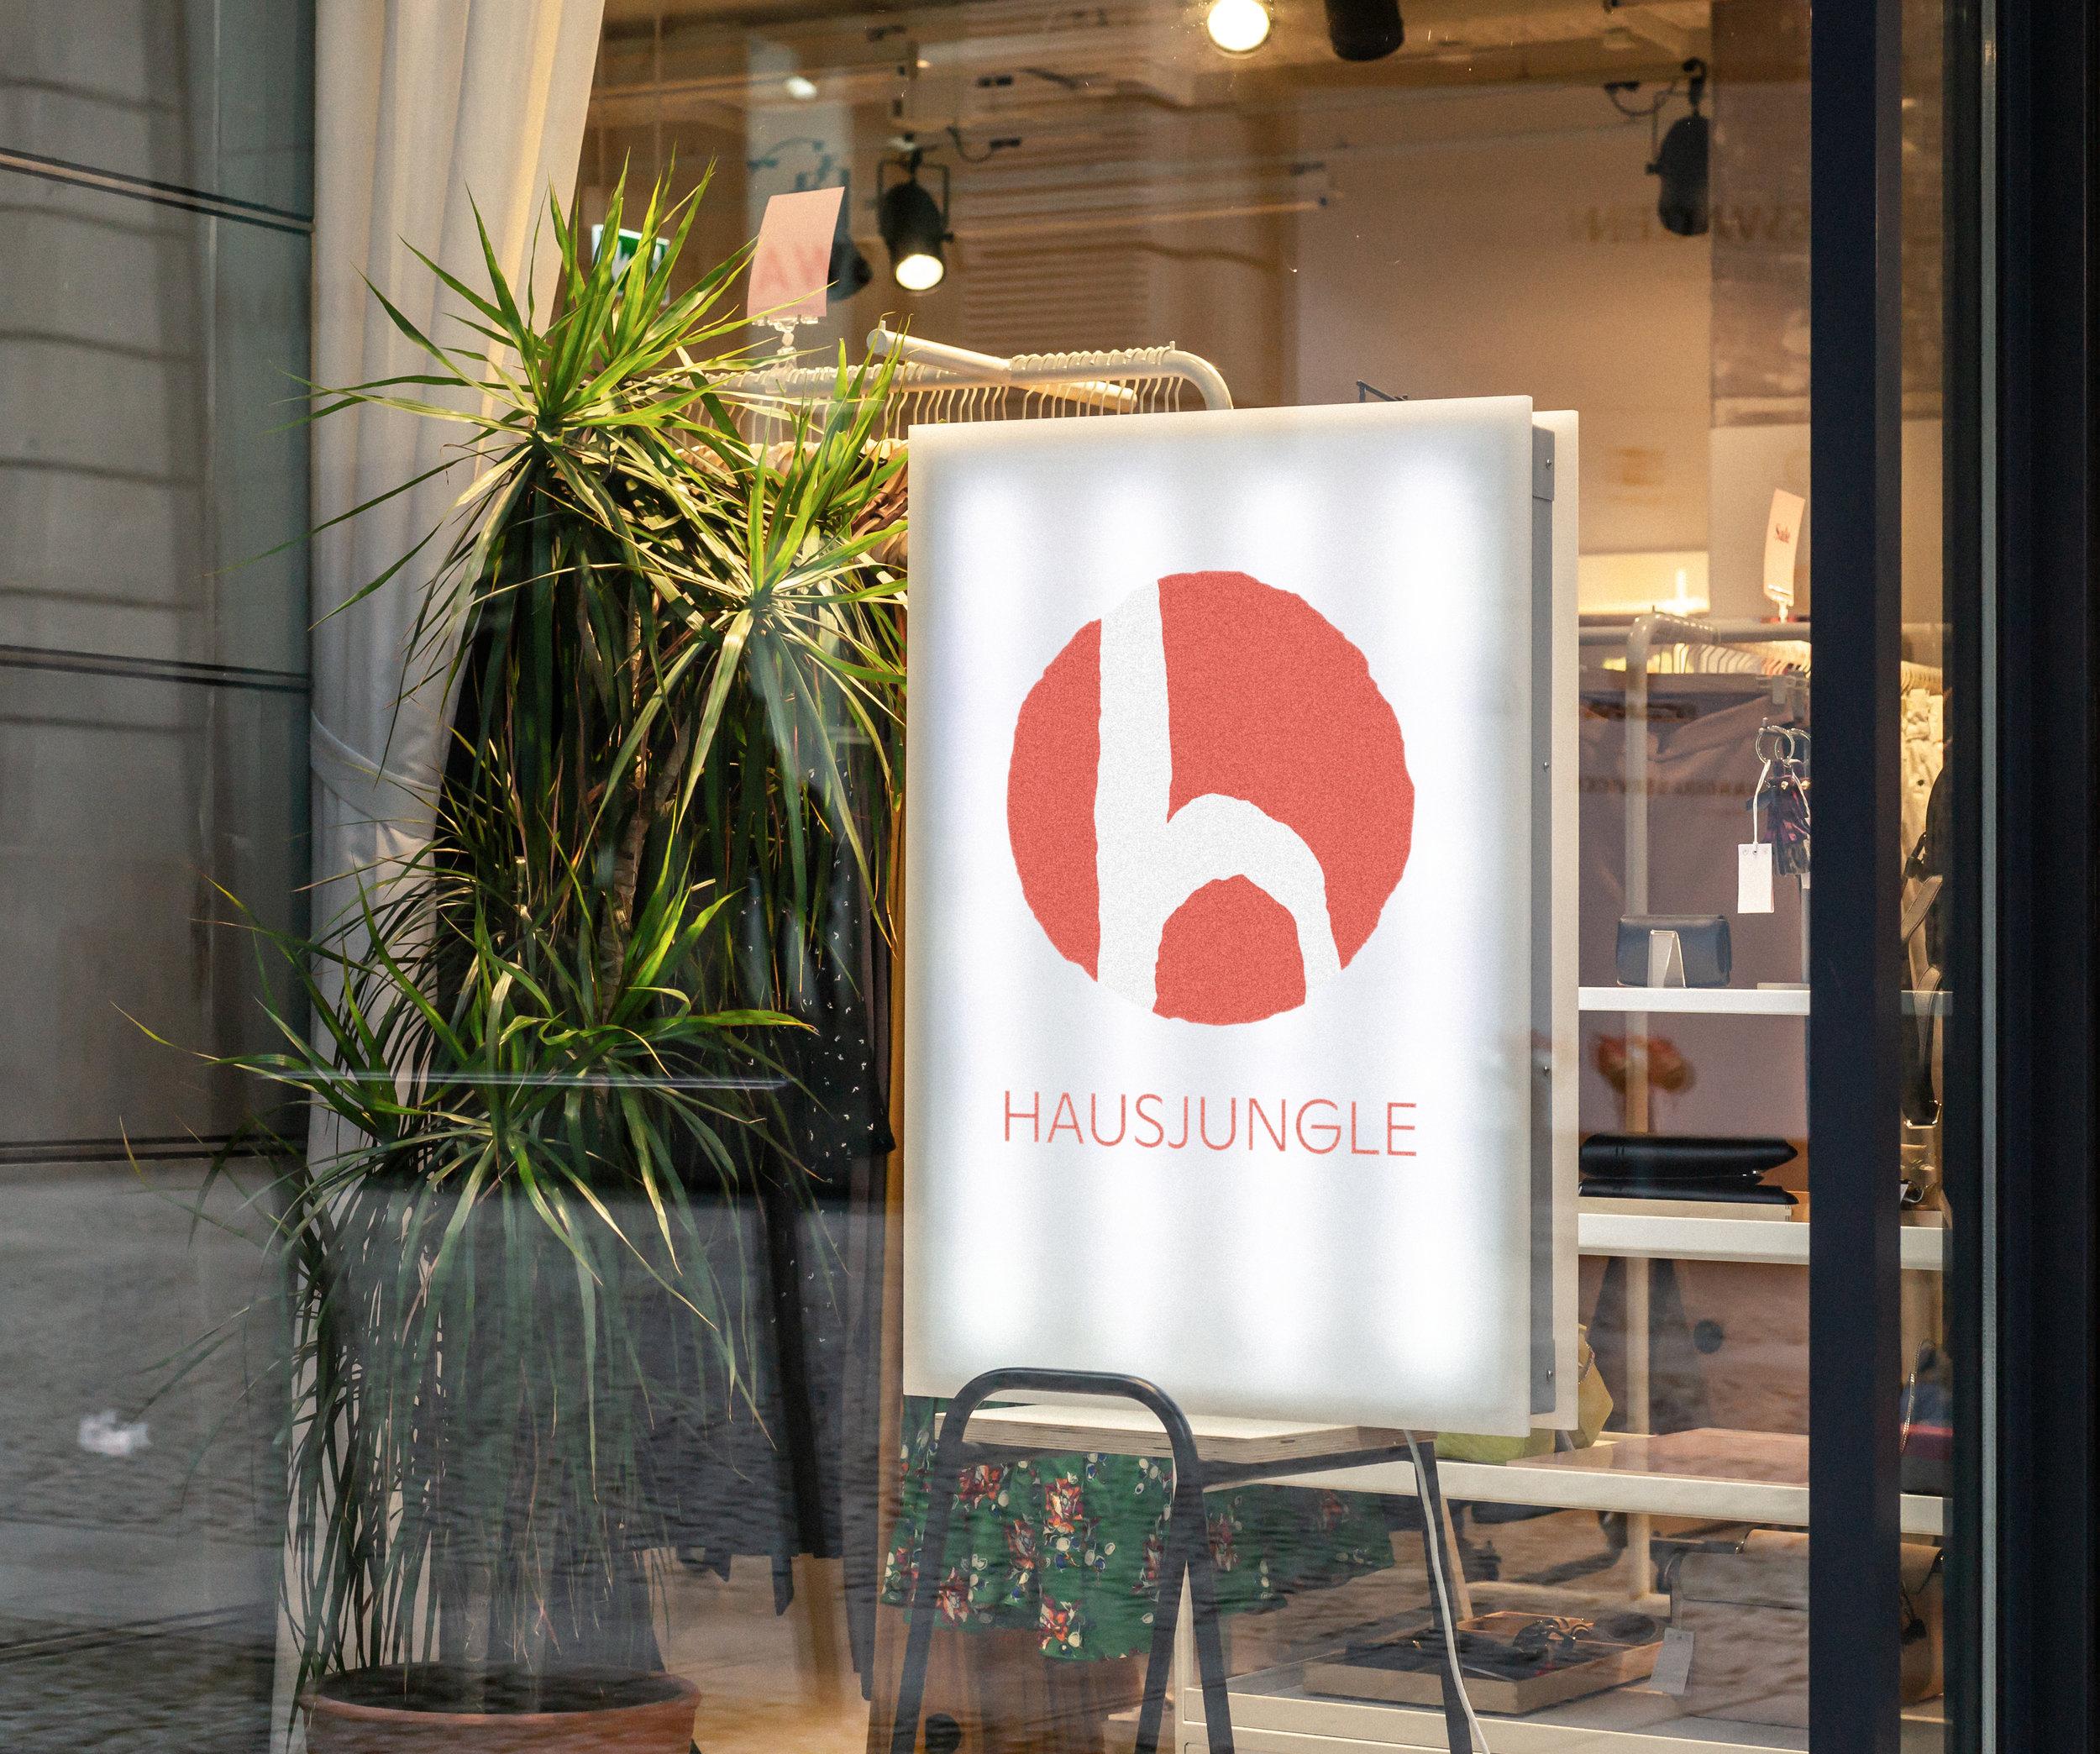 01162019_Hausjungle_Sign.jpg